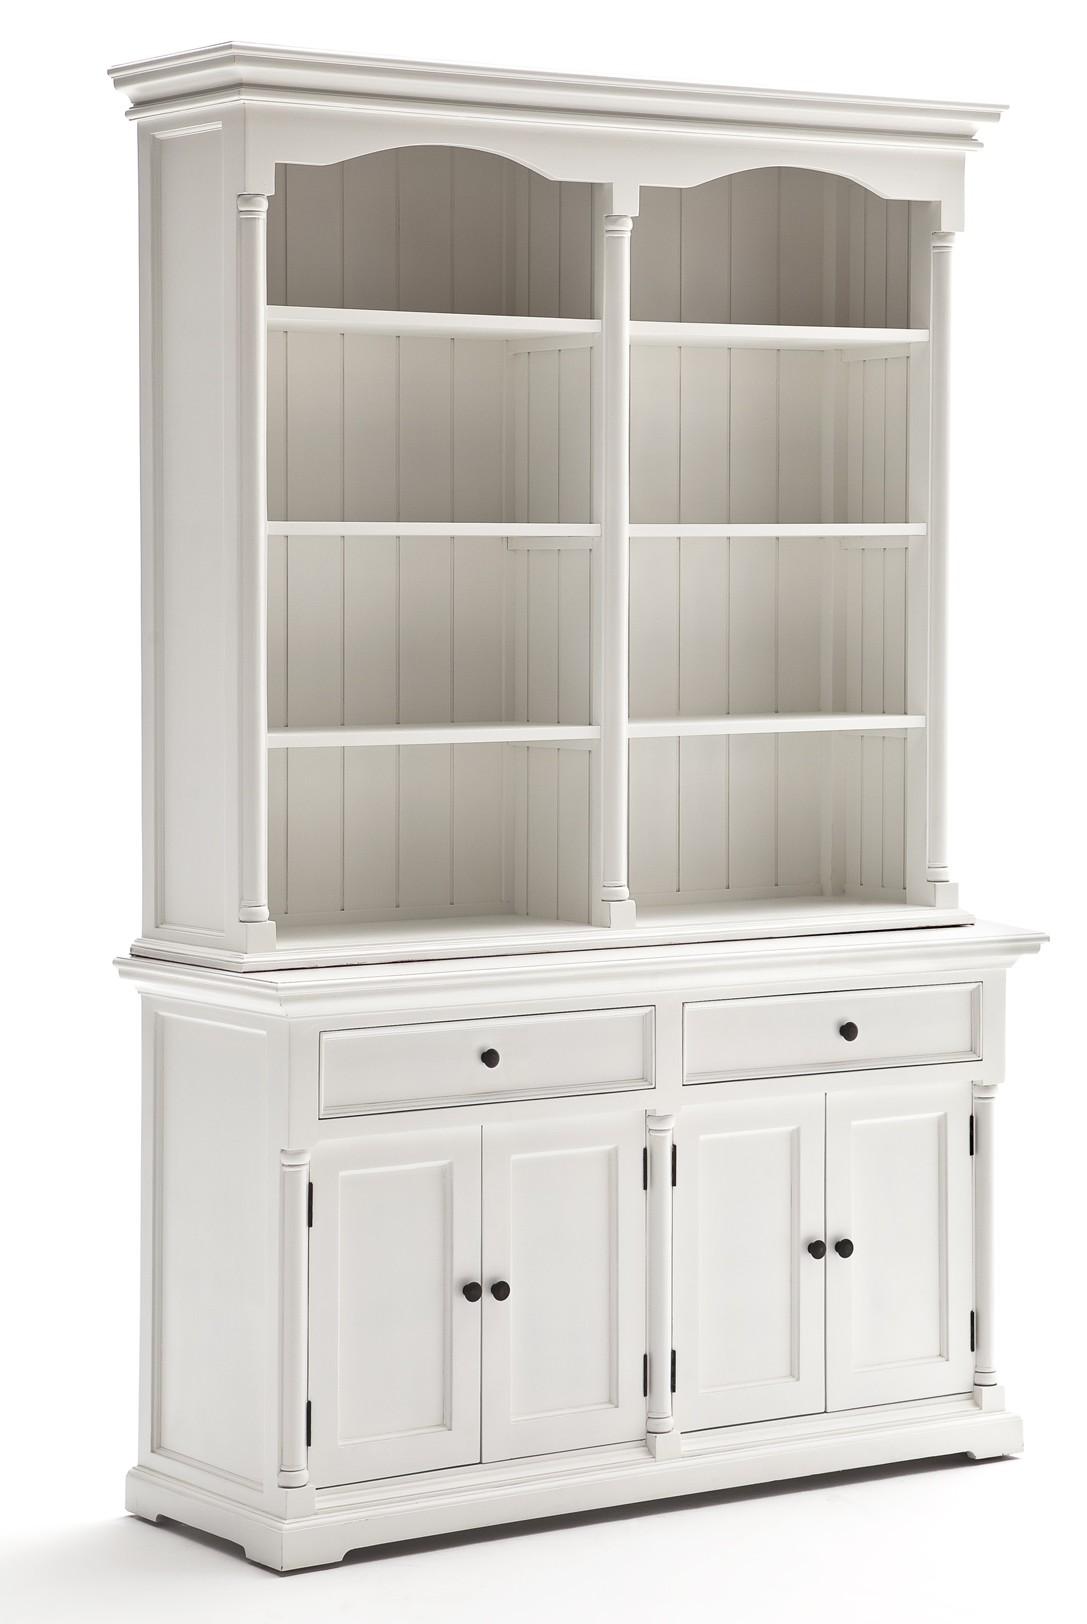 meuble bibliotheque en bois blanc 2 tiroirs 4 portes acajou 145x220cm royan